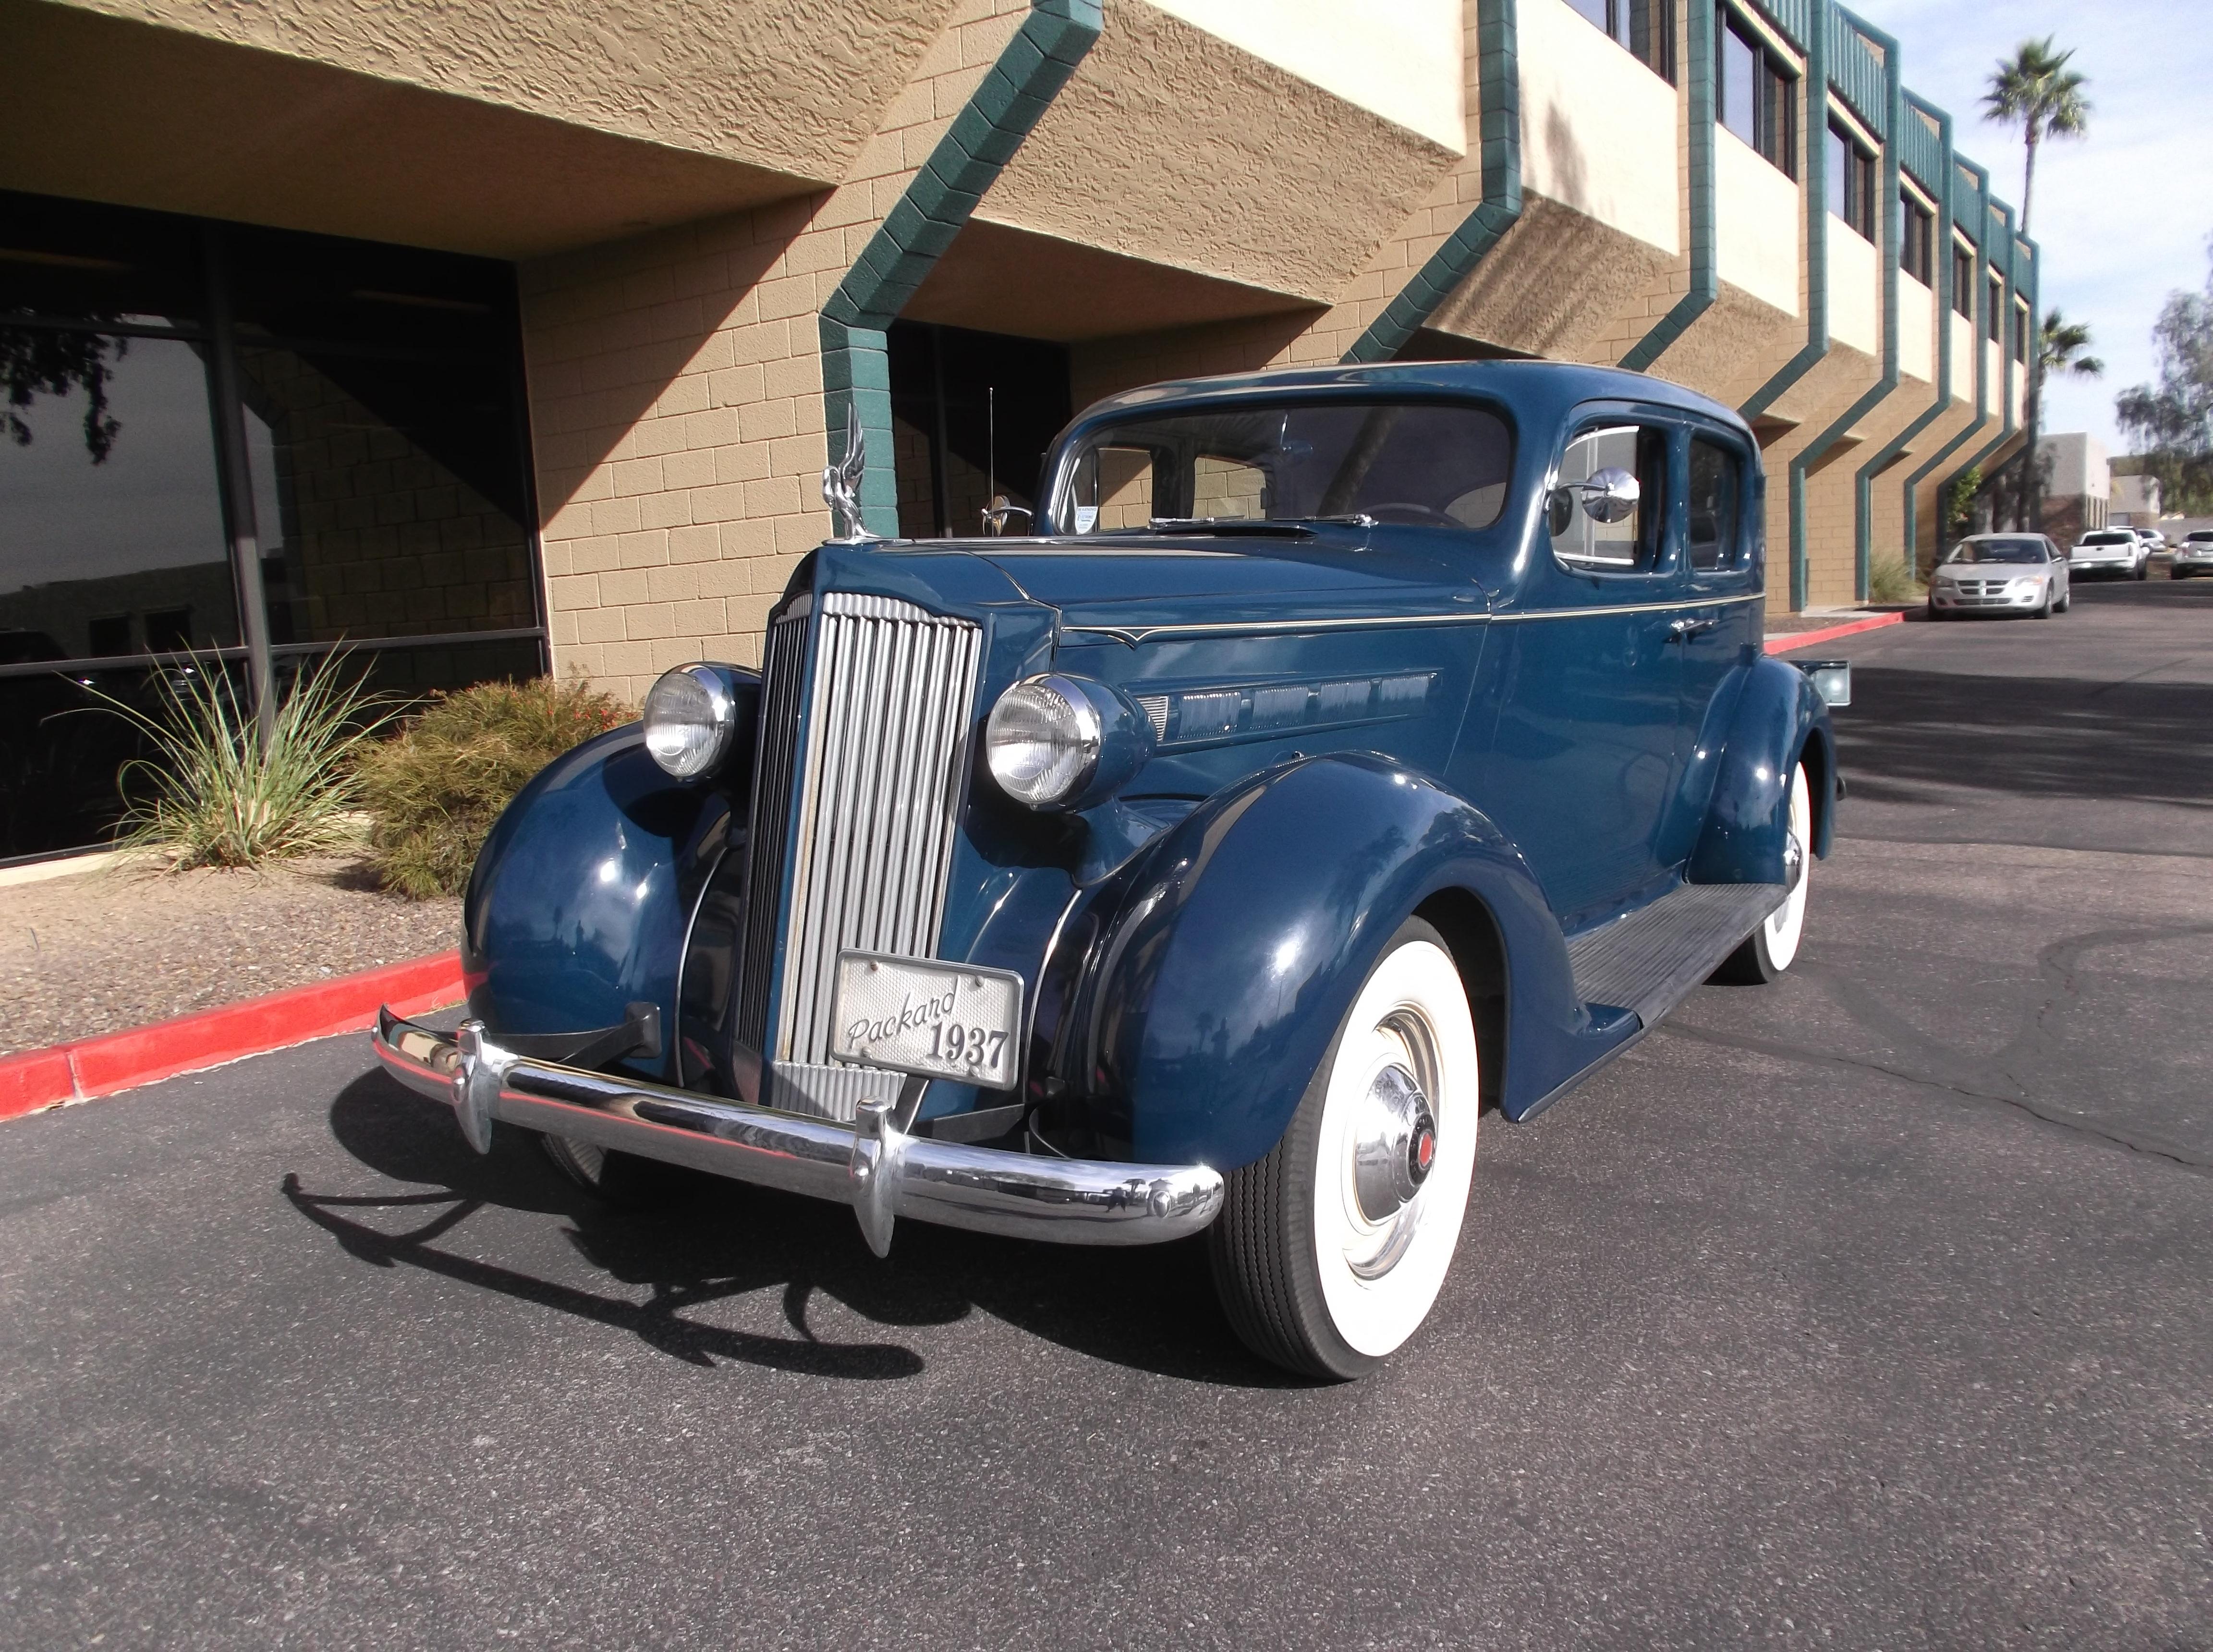 1937 Packard Six 115-C Series